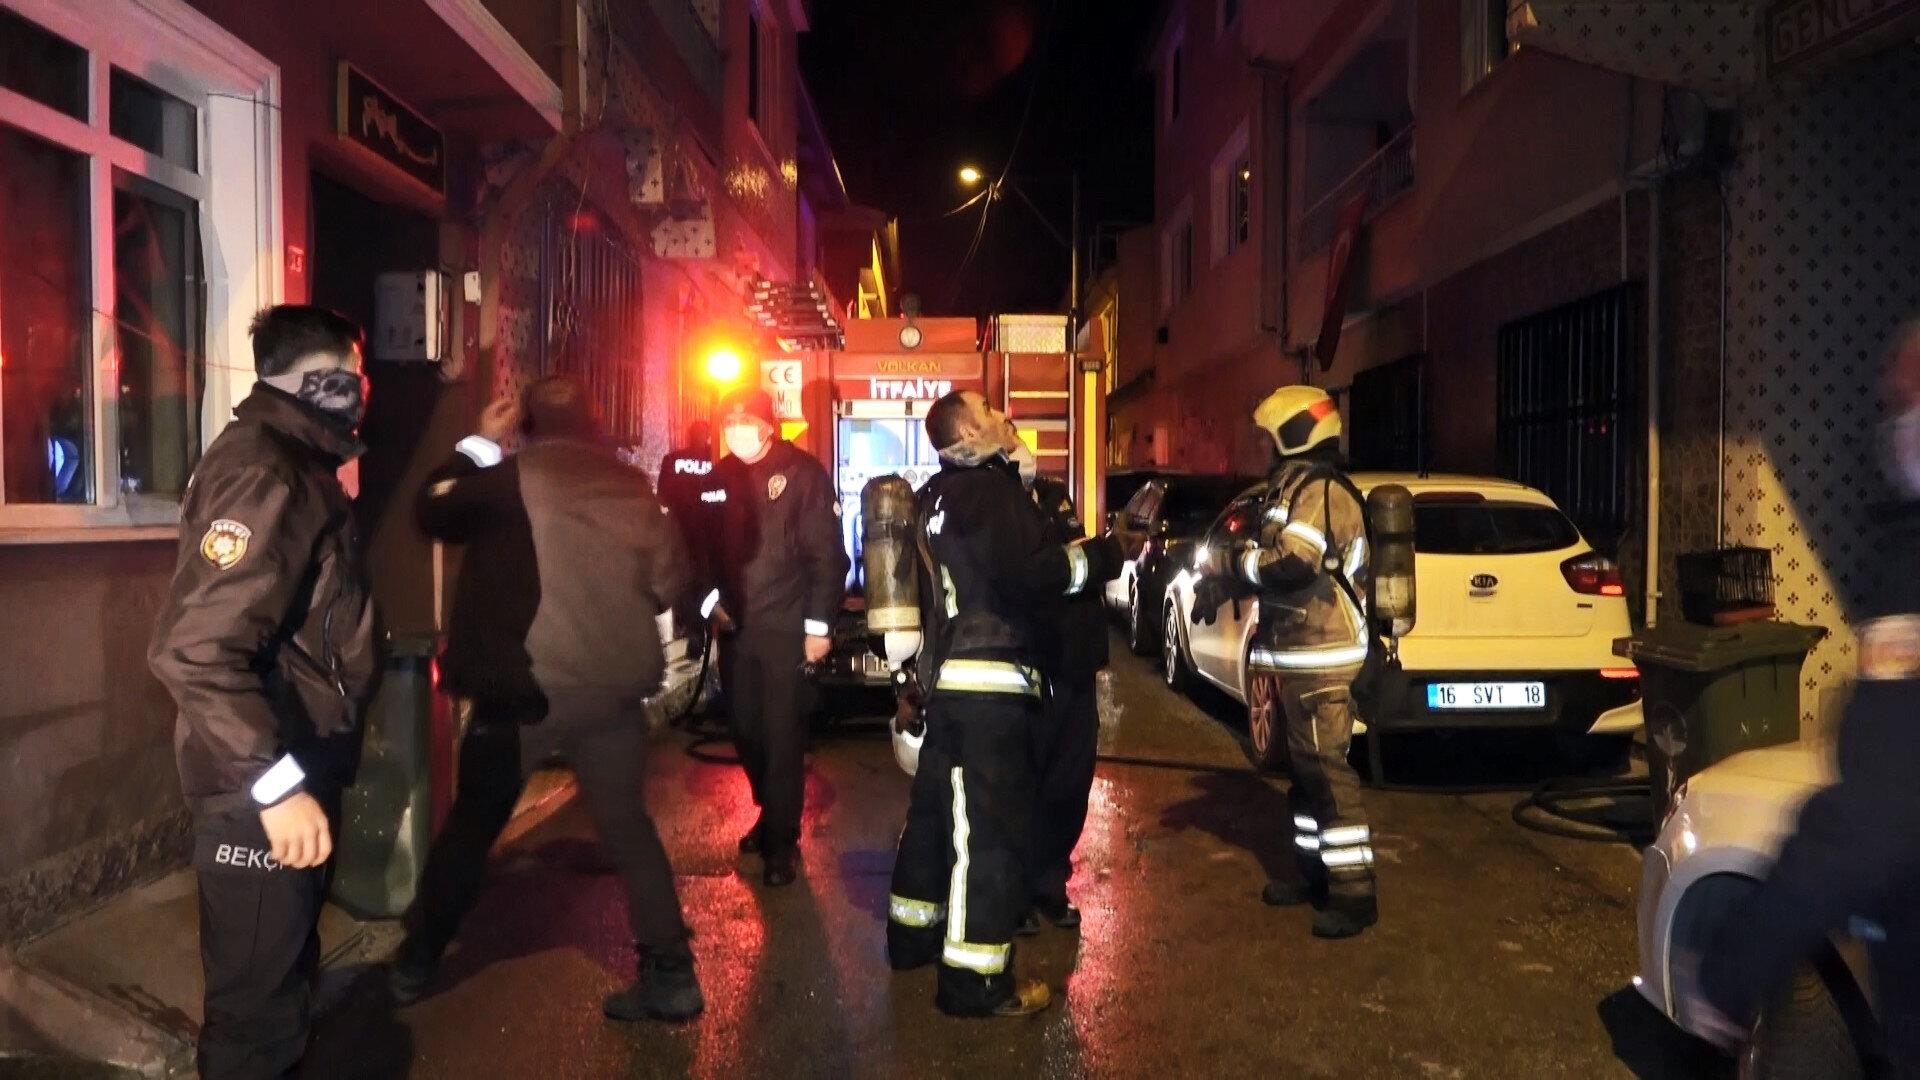 Yangında, üst kattaki dairelerde mahsur kalarak dumandan etkilenen ve 4'ü çocuk, 8 kişi itfaiye ekiplerince kurtarıldı.